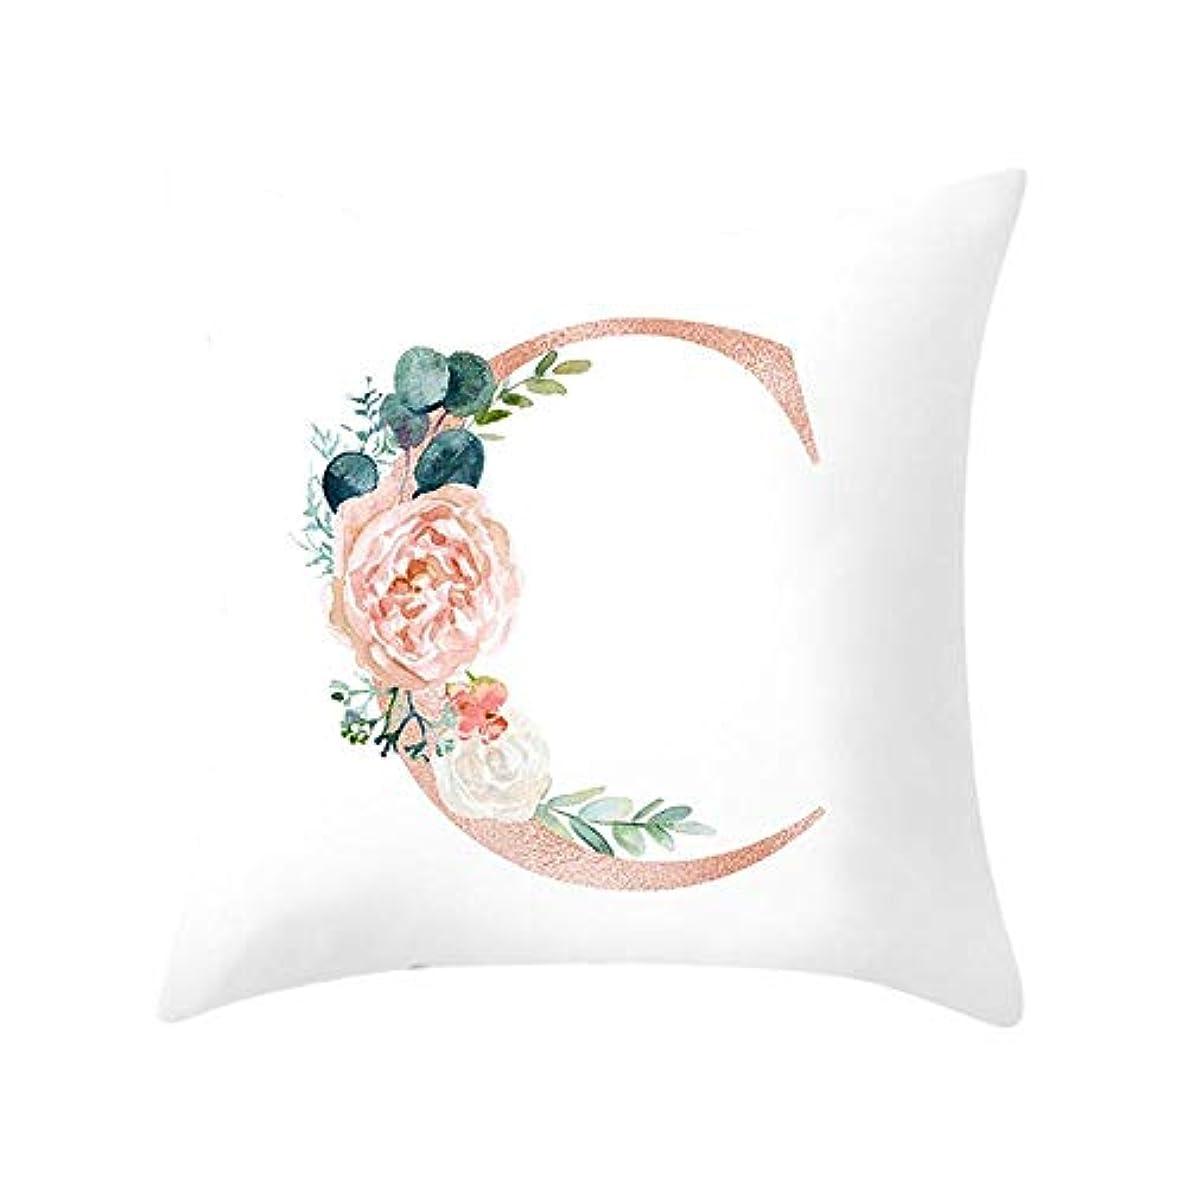 分布信頼フェッチLIFE 装飾クッションソファ手紙枕アルファベットクッション印刷ソファ家の装飾の花枕 coussin decoratif クッション 椅子